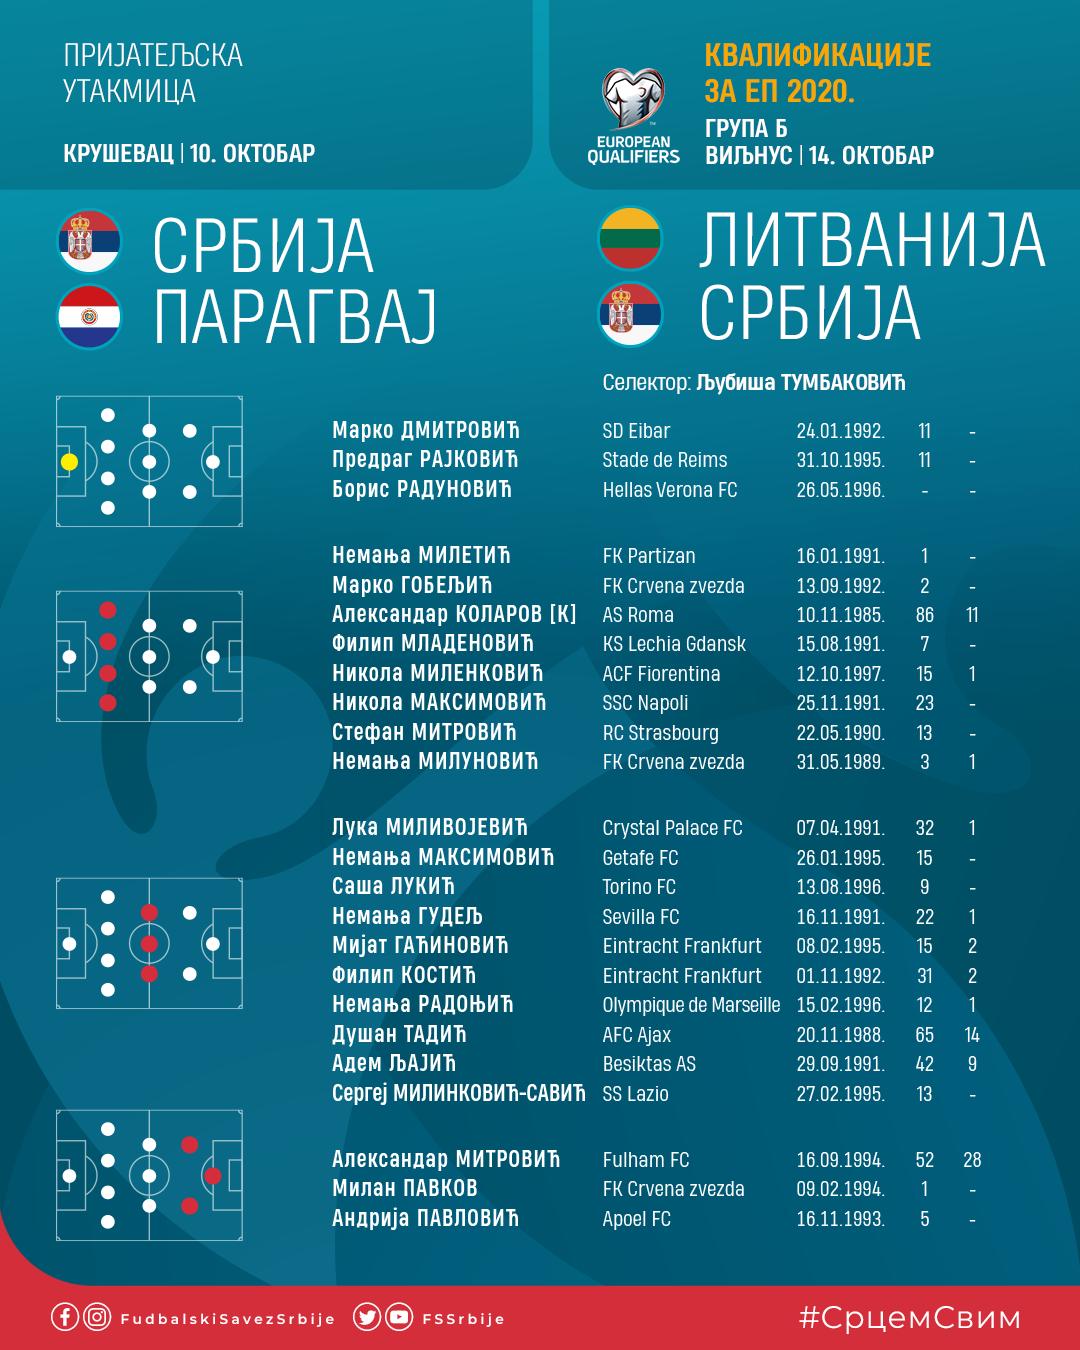 塞尔维亚大名单:皇马前锋约维奇落选